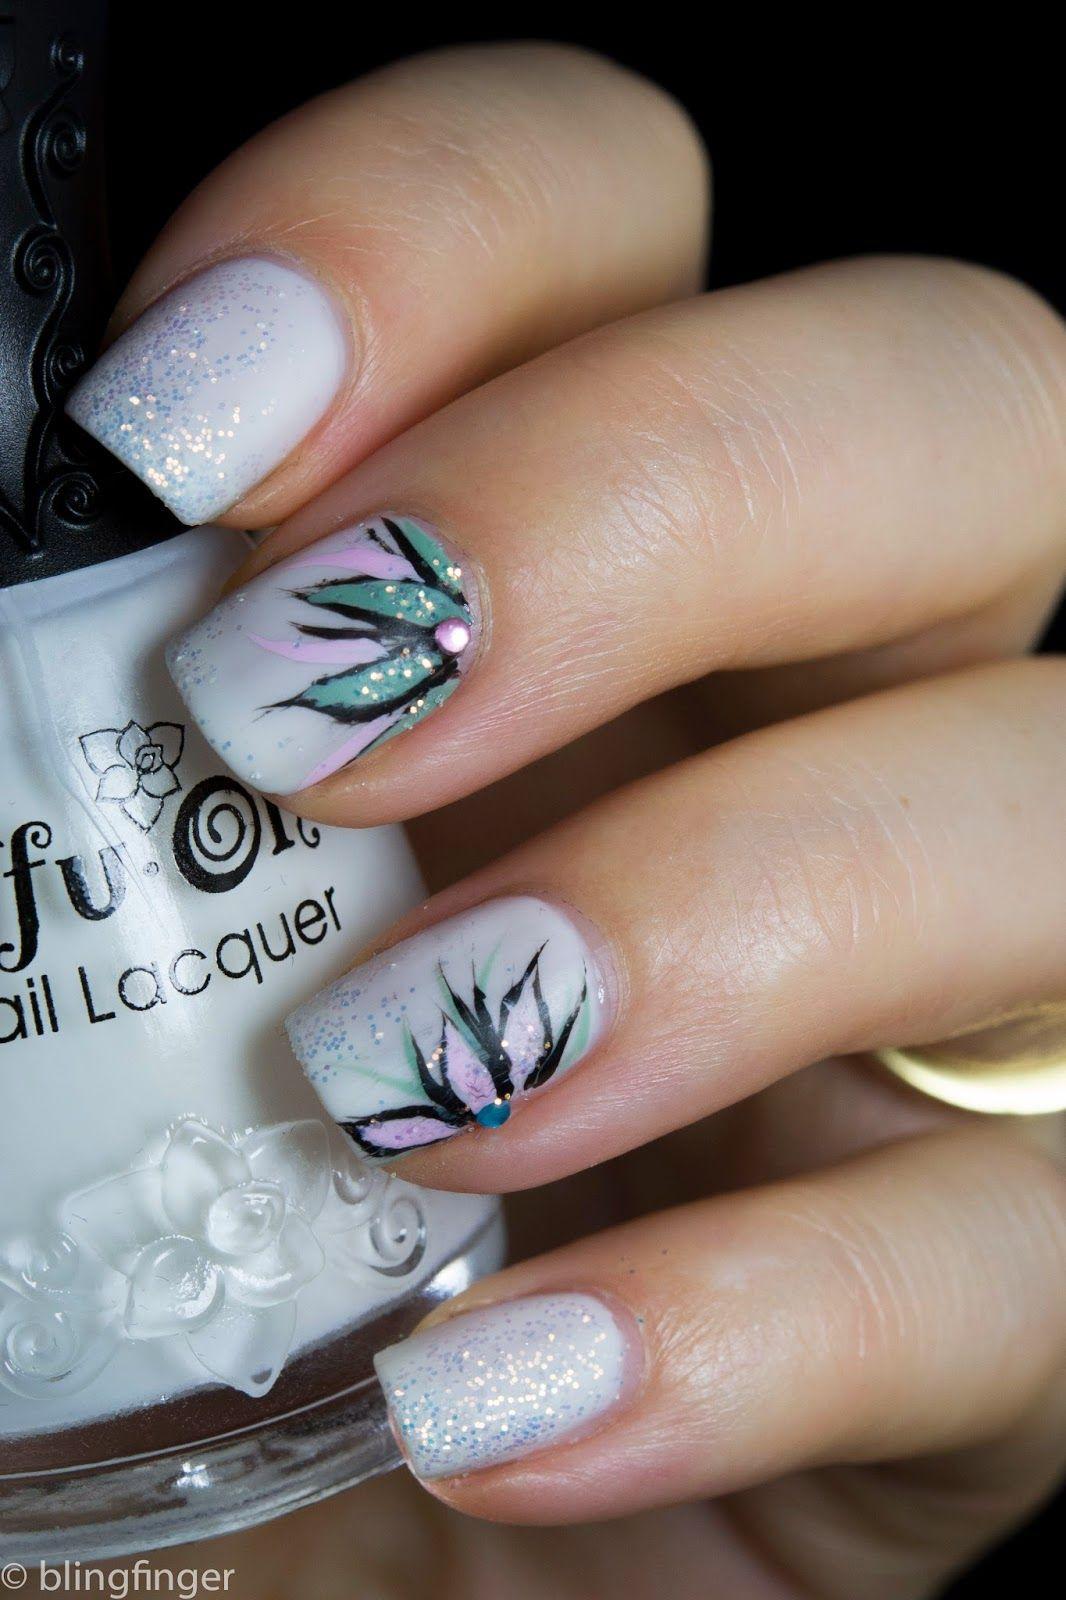 Winter Flower- Nail Art. http://www.blingfinger.net/2014/10/winter-flower-nail-art.html